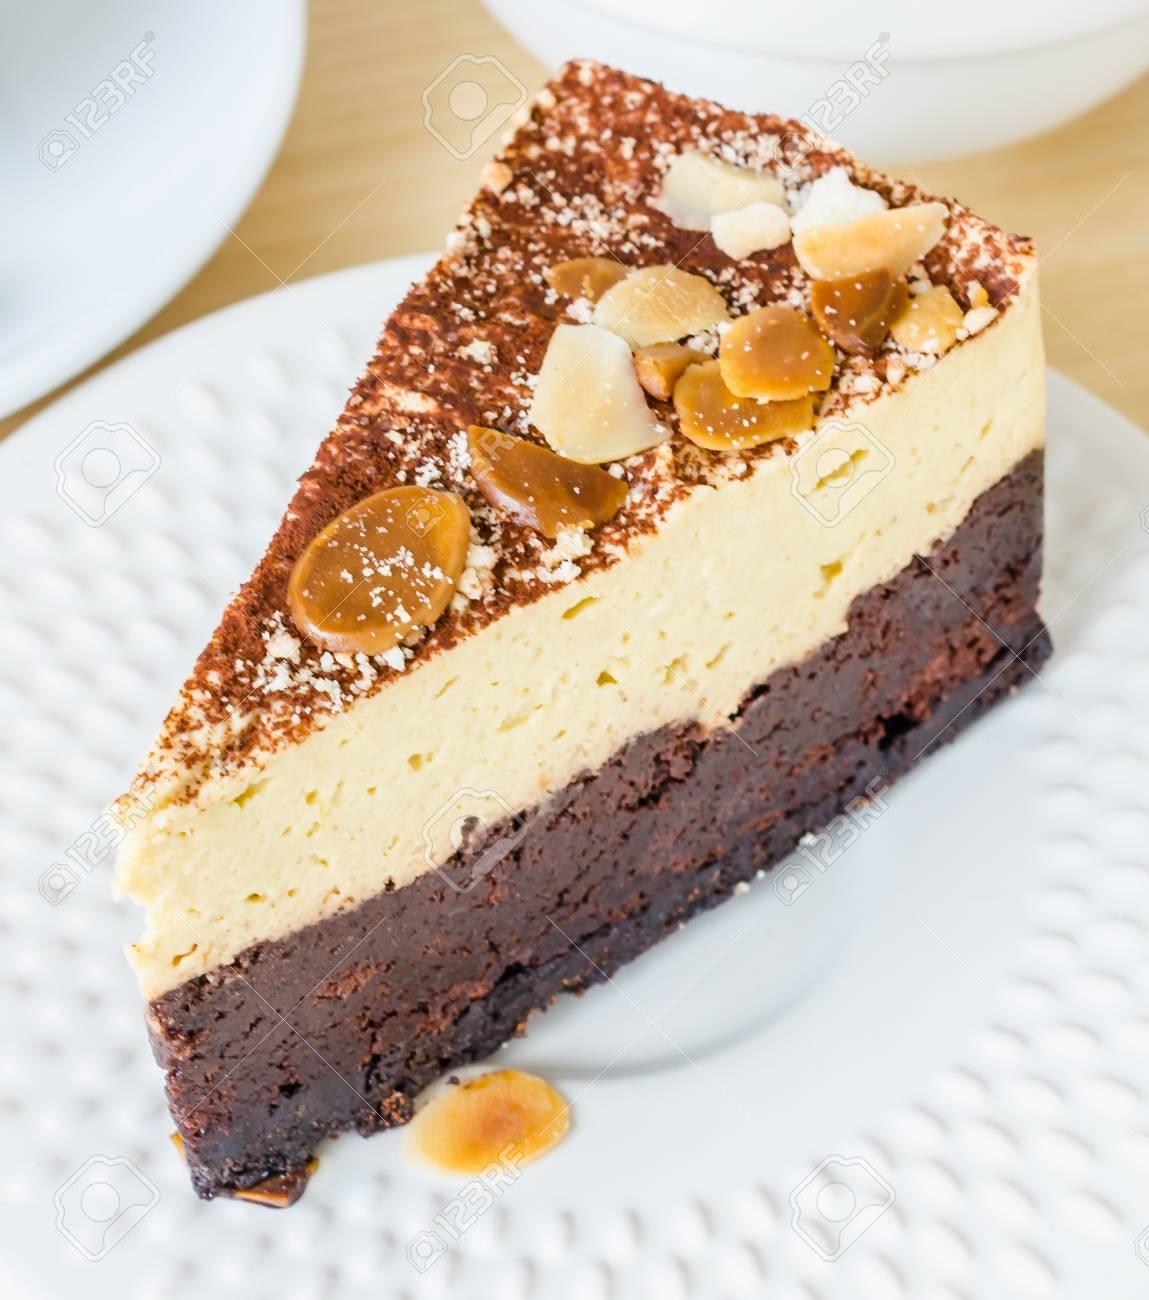 Immagini Stock Torta Brownie Al Cioccolato Con Mandorle In Cima